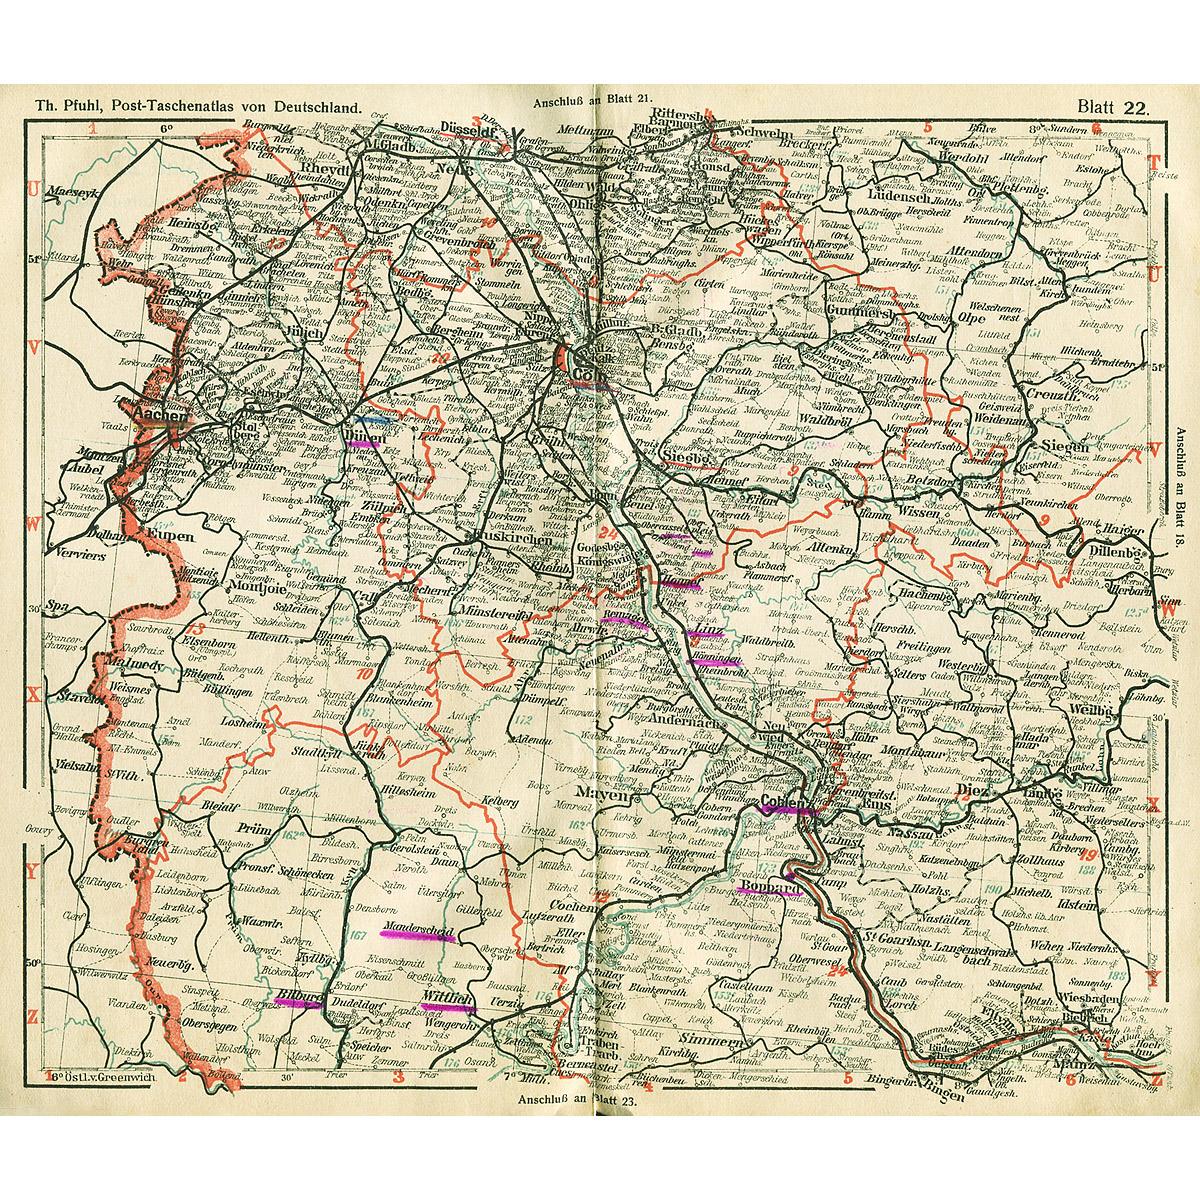 Post-Taschen-Atlas von Deutschland nebst Ortsverzeichnis